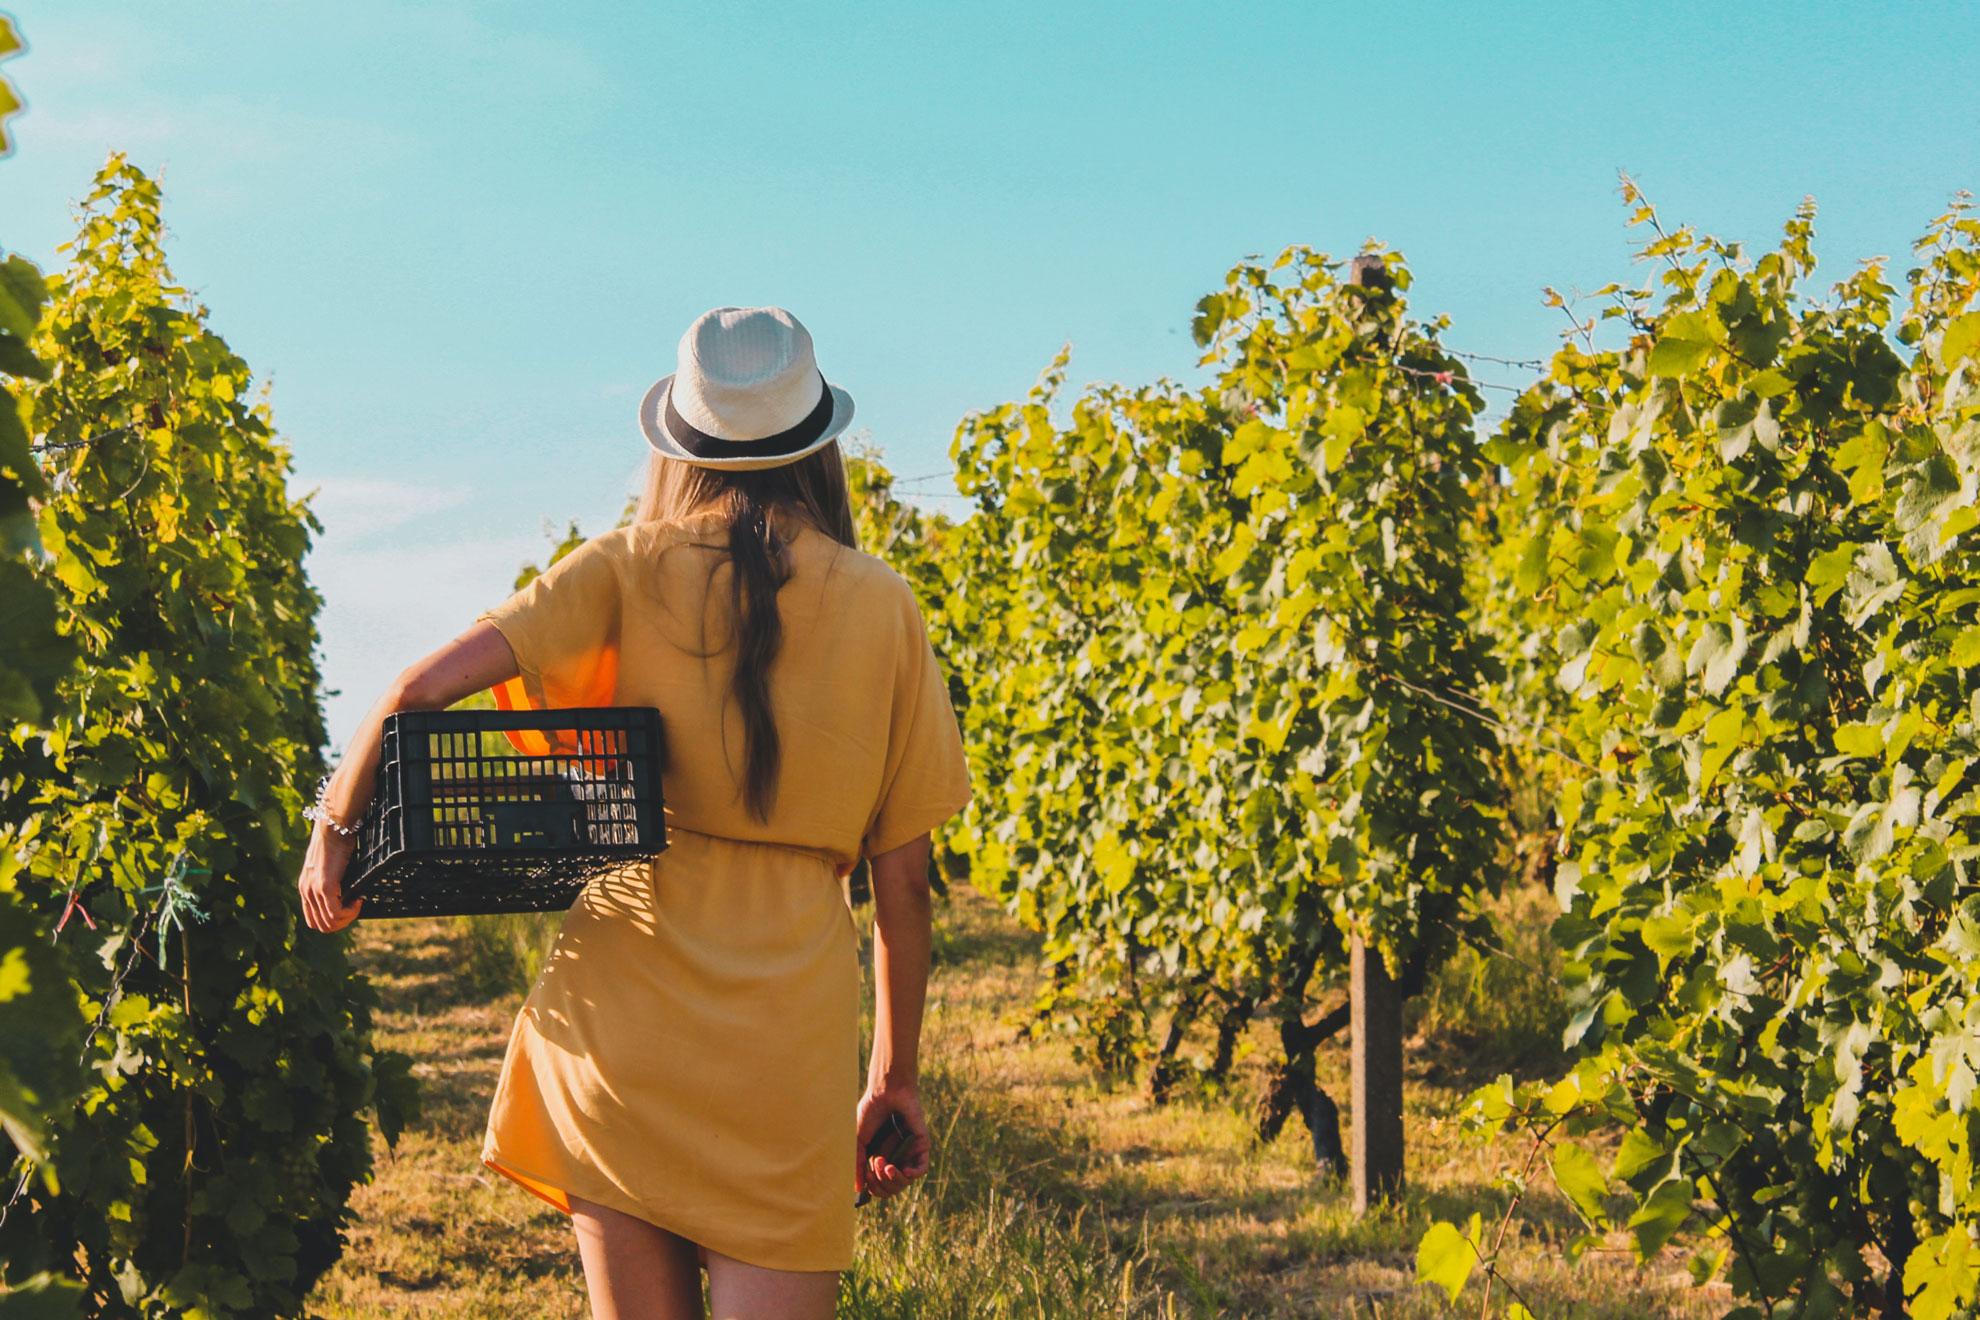 syros wine trails